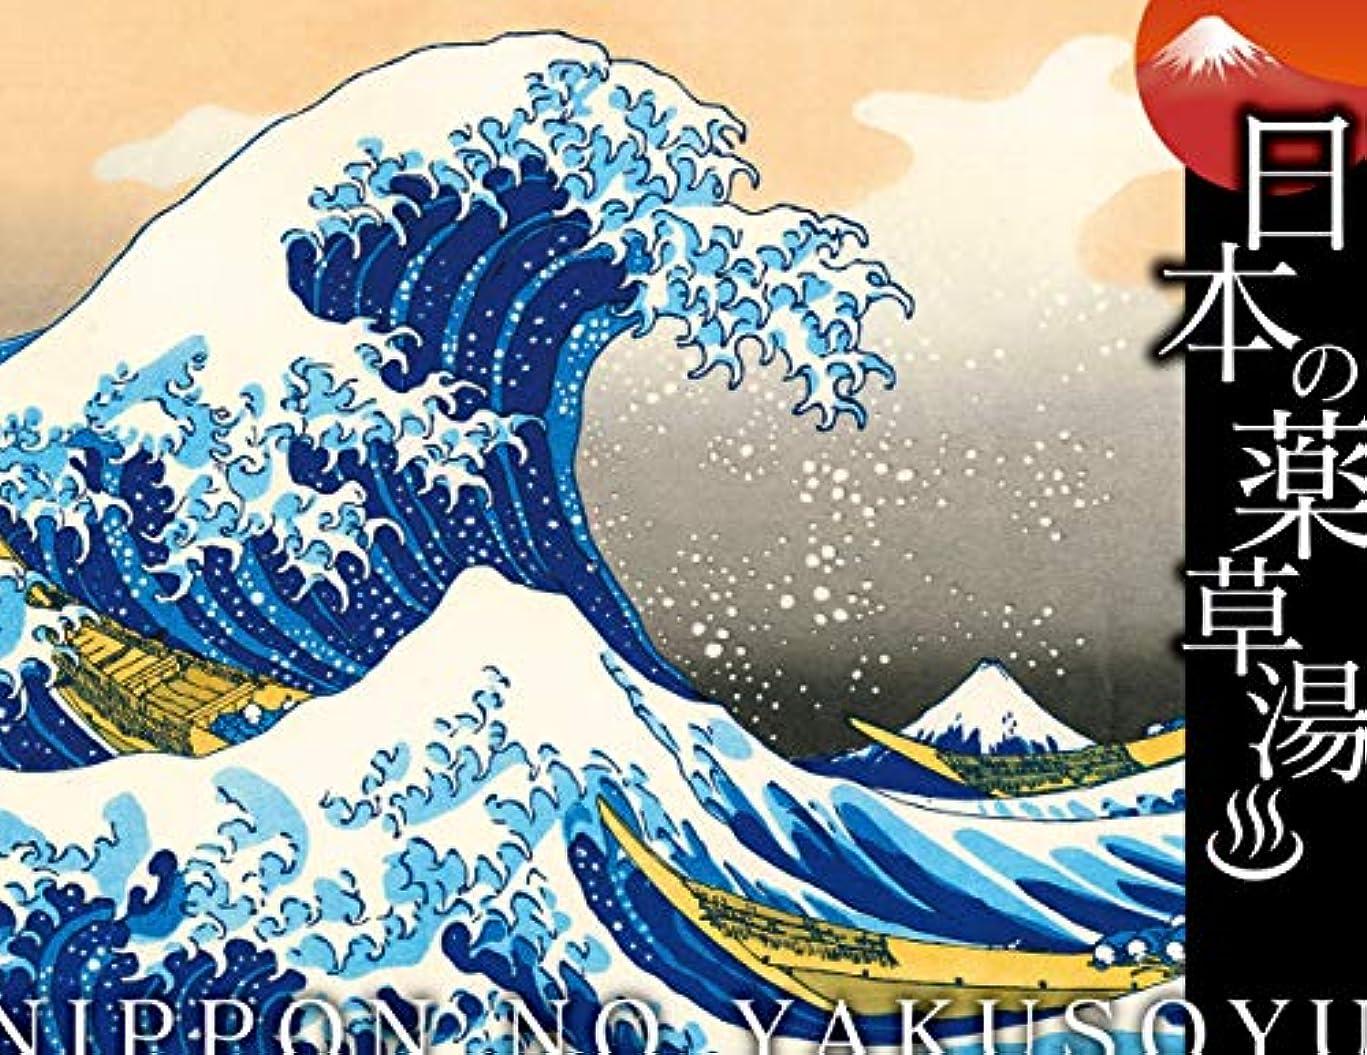 電子永久平手打ち日本の薬草湯 神奈川沖浪裏(富嶽三十六景)